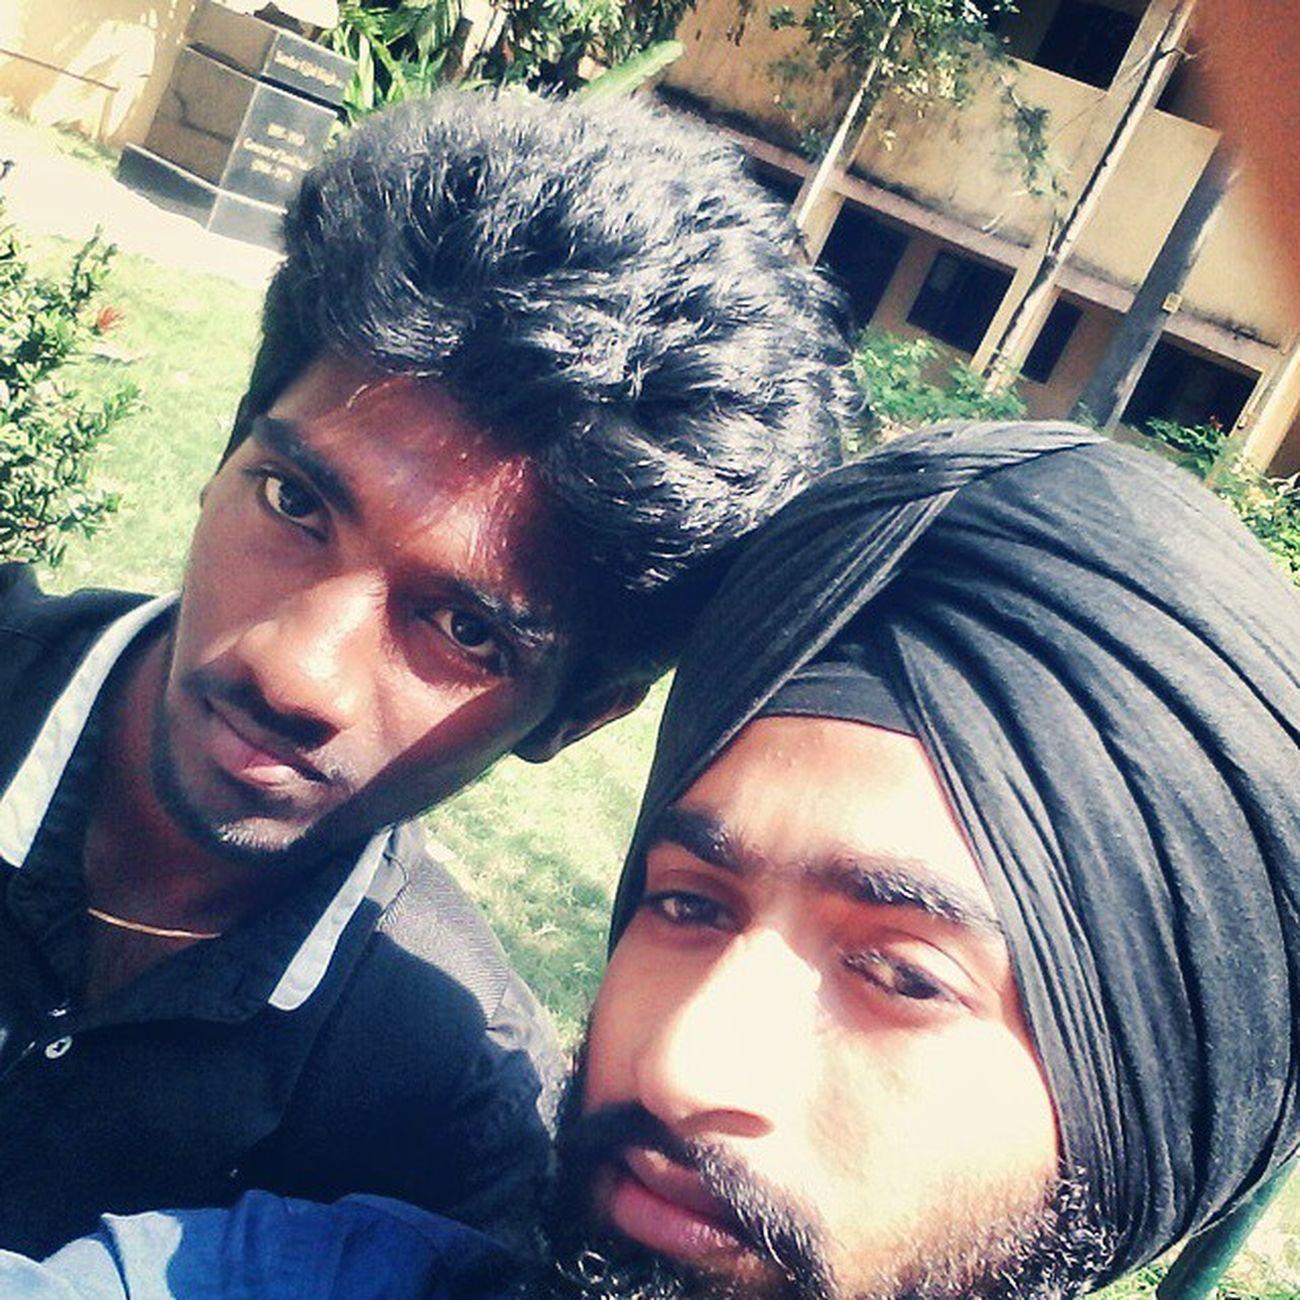 Selfie Selfiemacha Nanben Chennai Tambi Tamdu Singh Livepunjabi Macha Chennai Chelfie